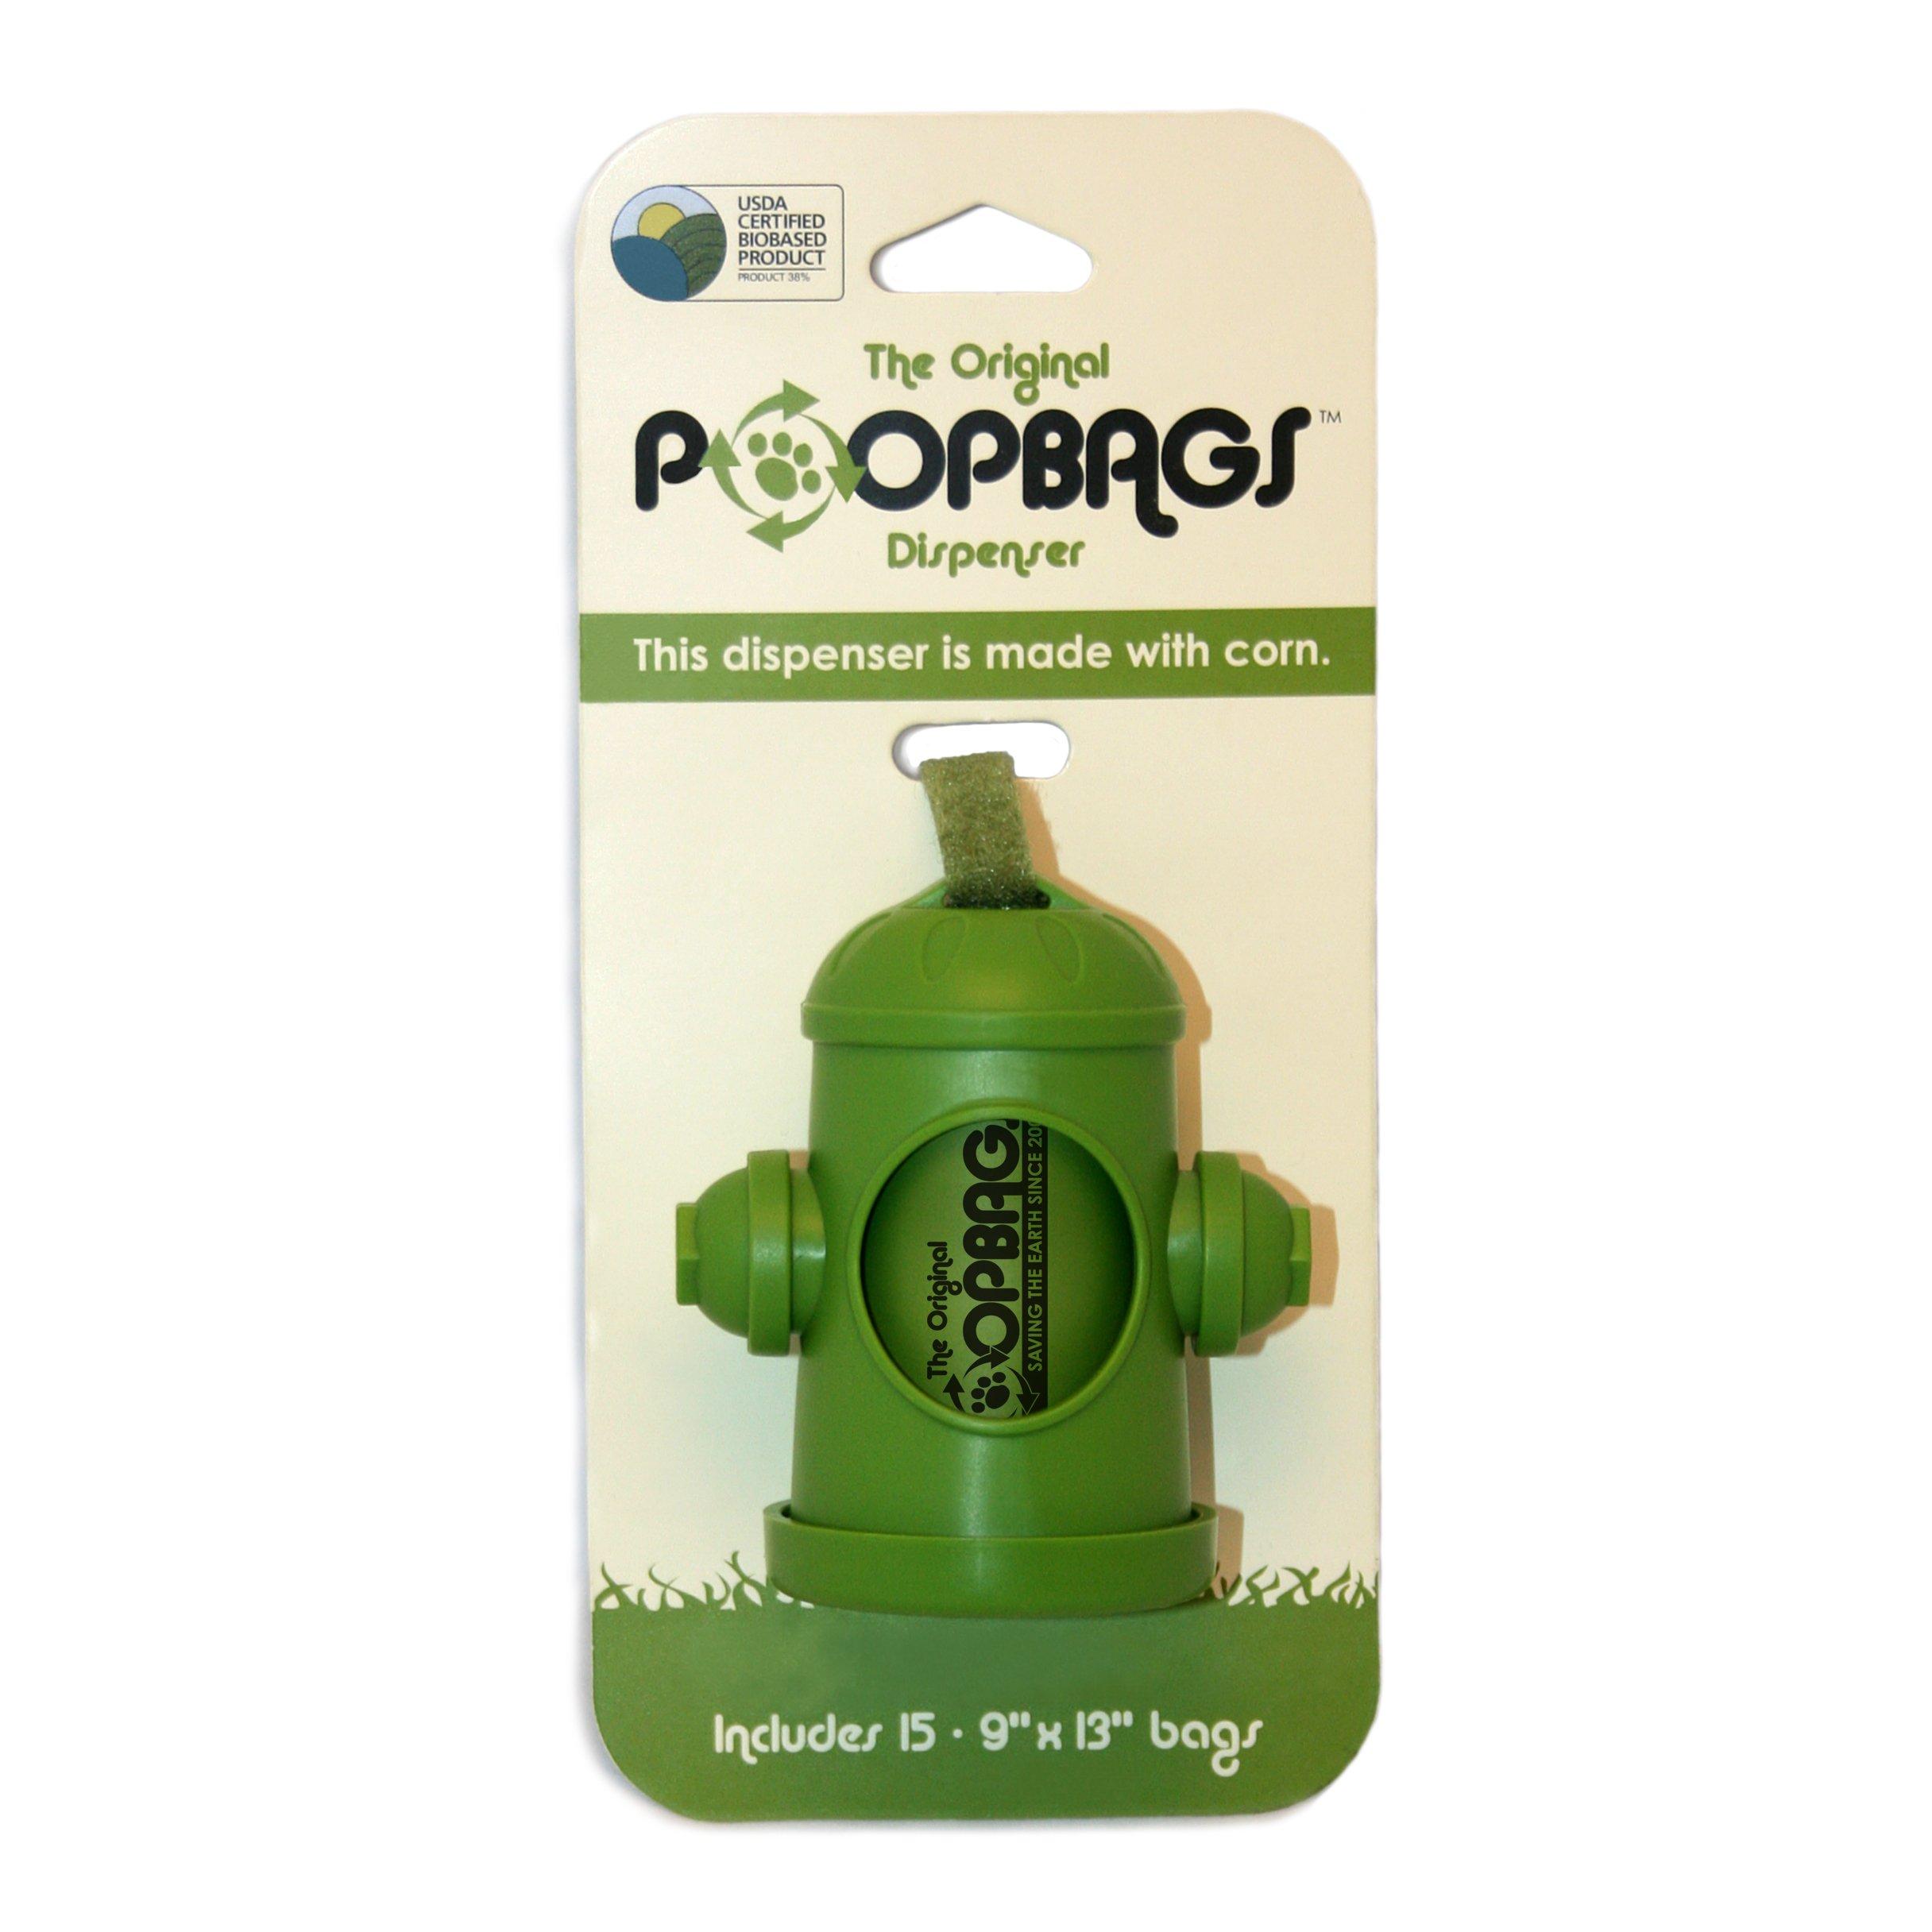 PoopBags The Original HYD007 Poop Bags Dog Waste Bag Dispenser, Green